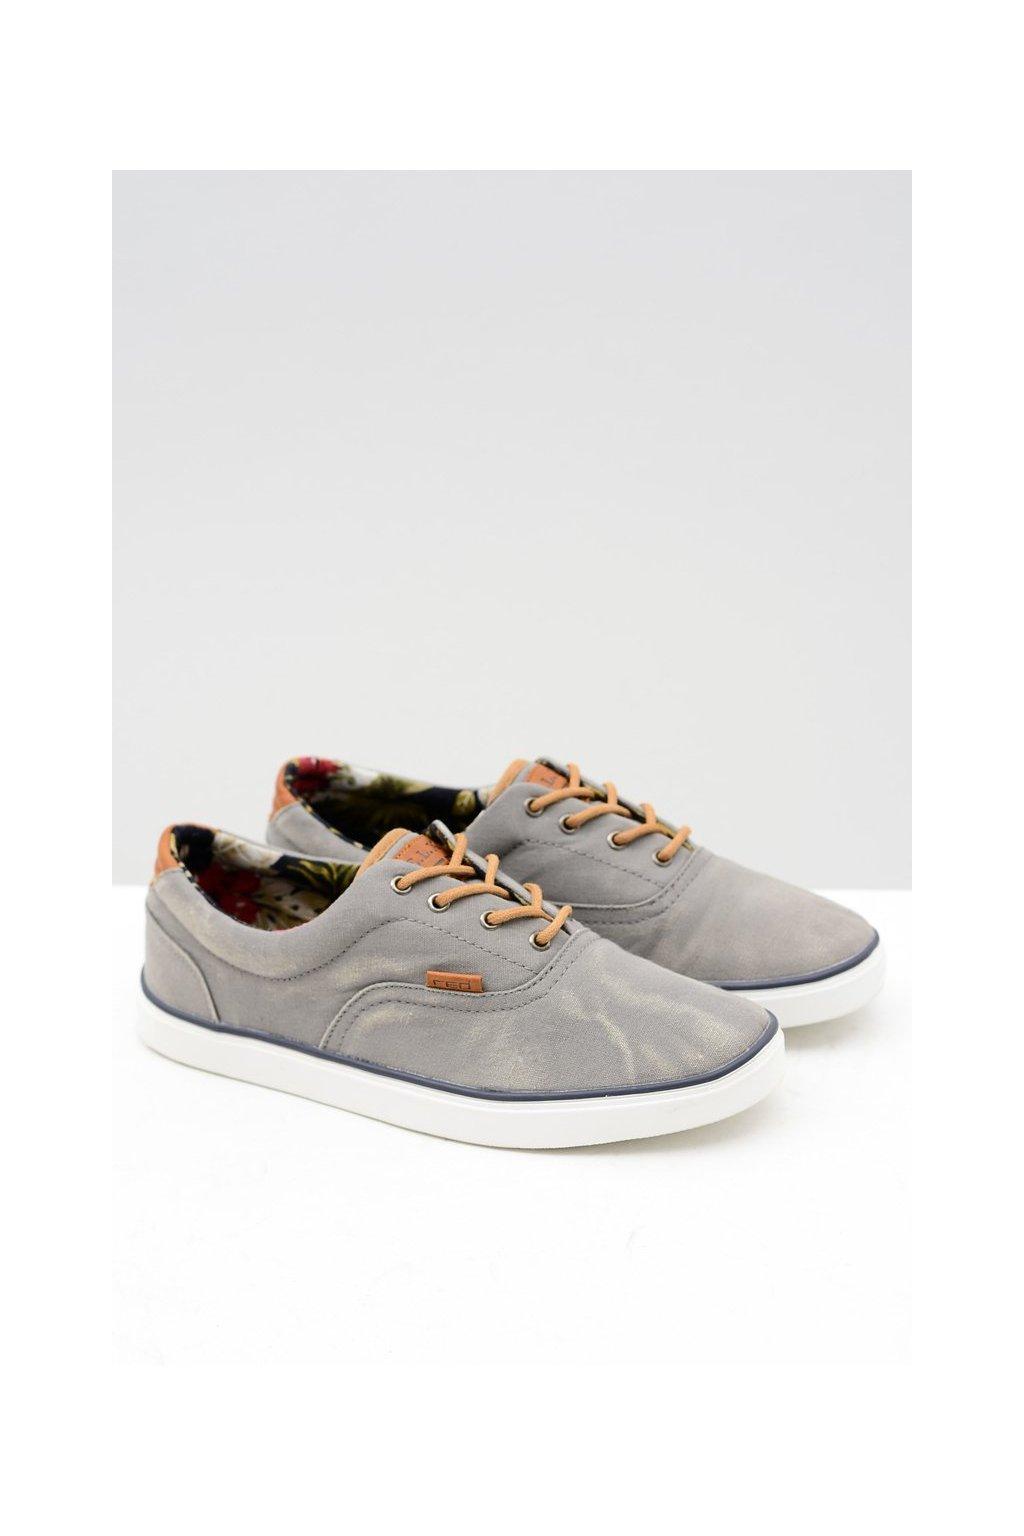 Sivá obuv kód topánok X-RED 11.7.135 GREY